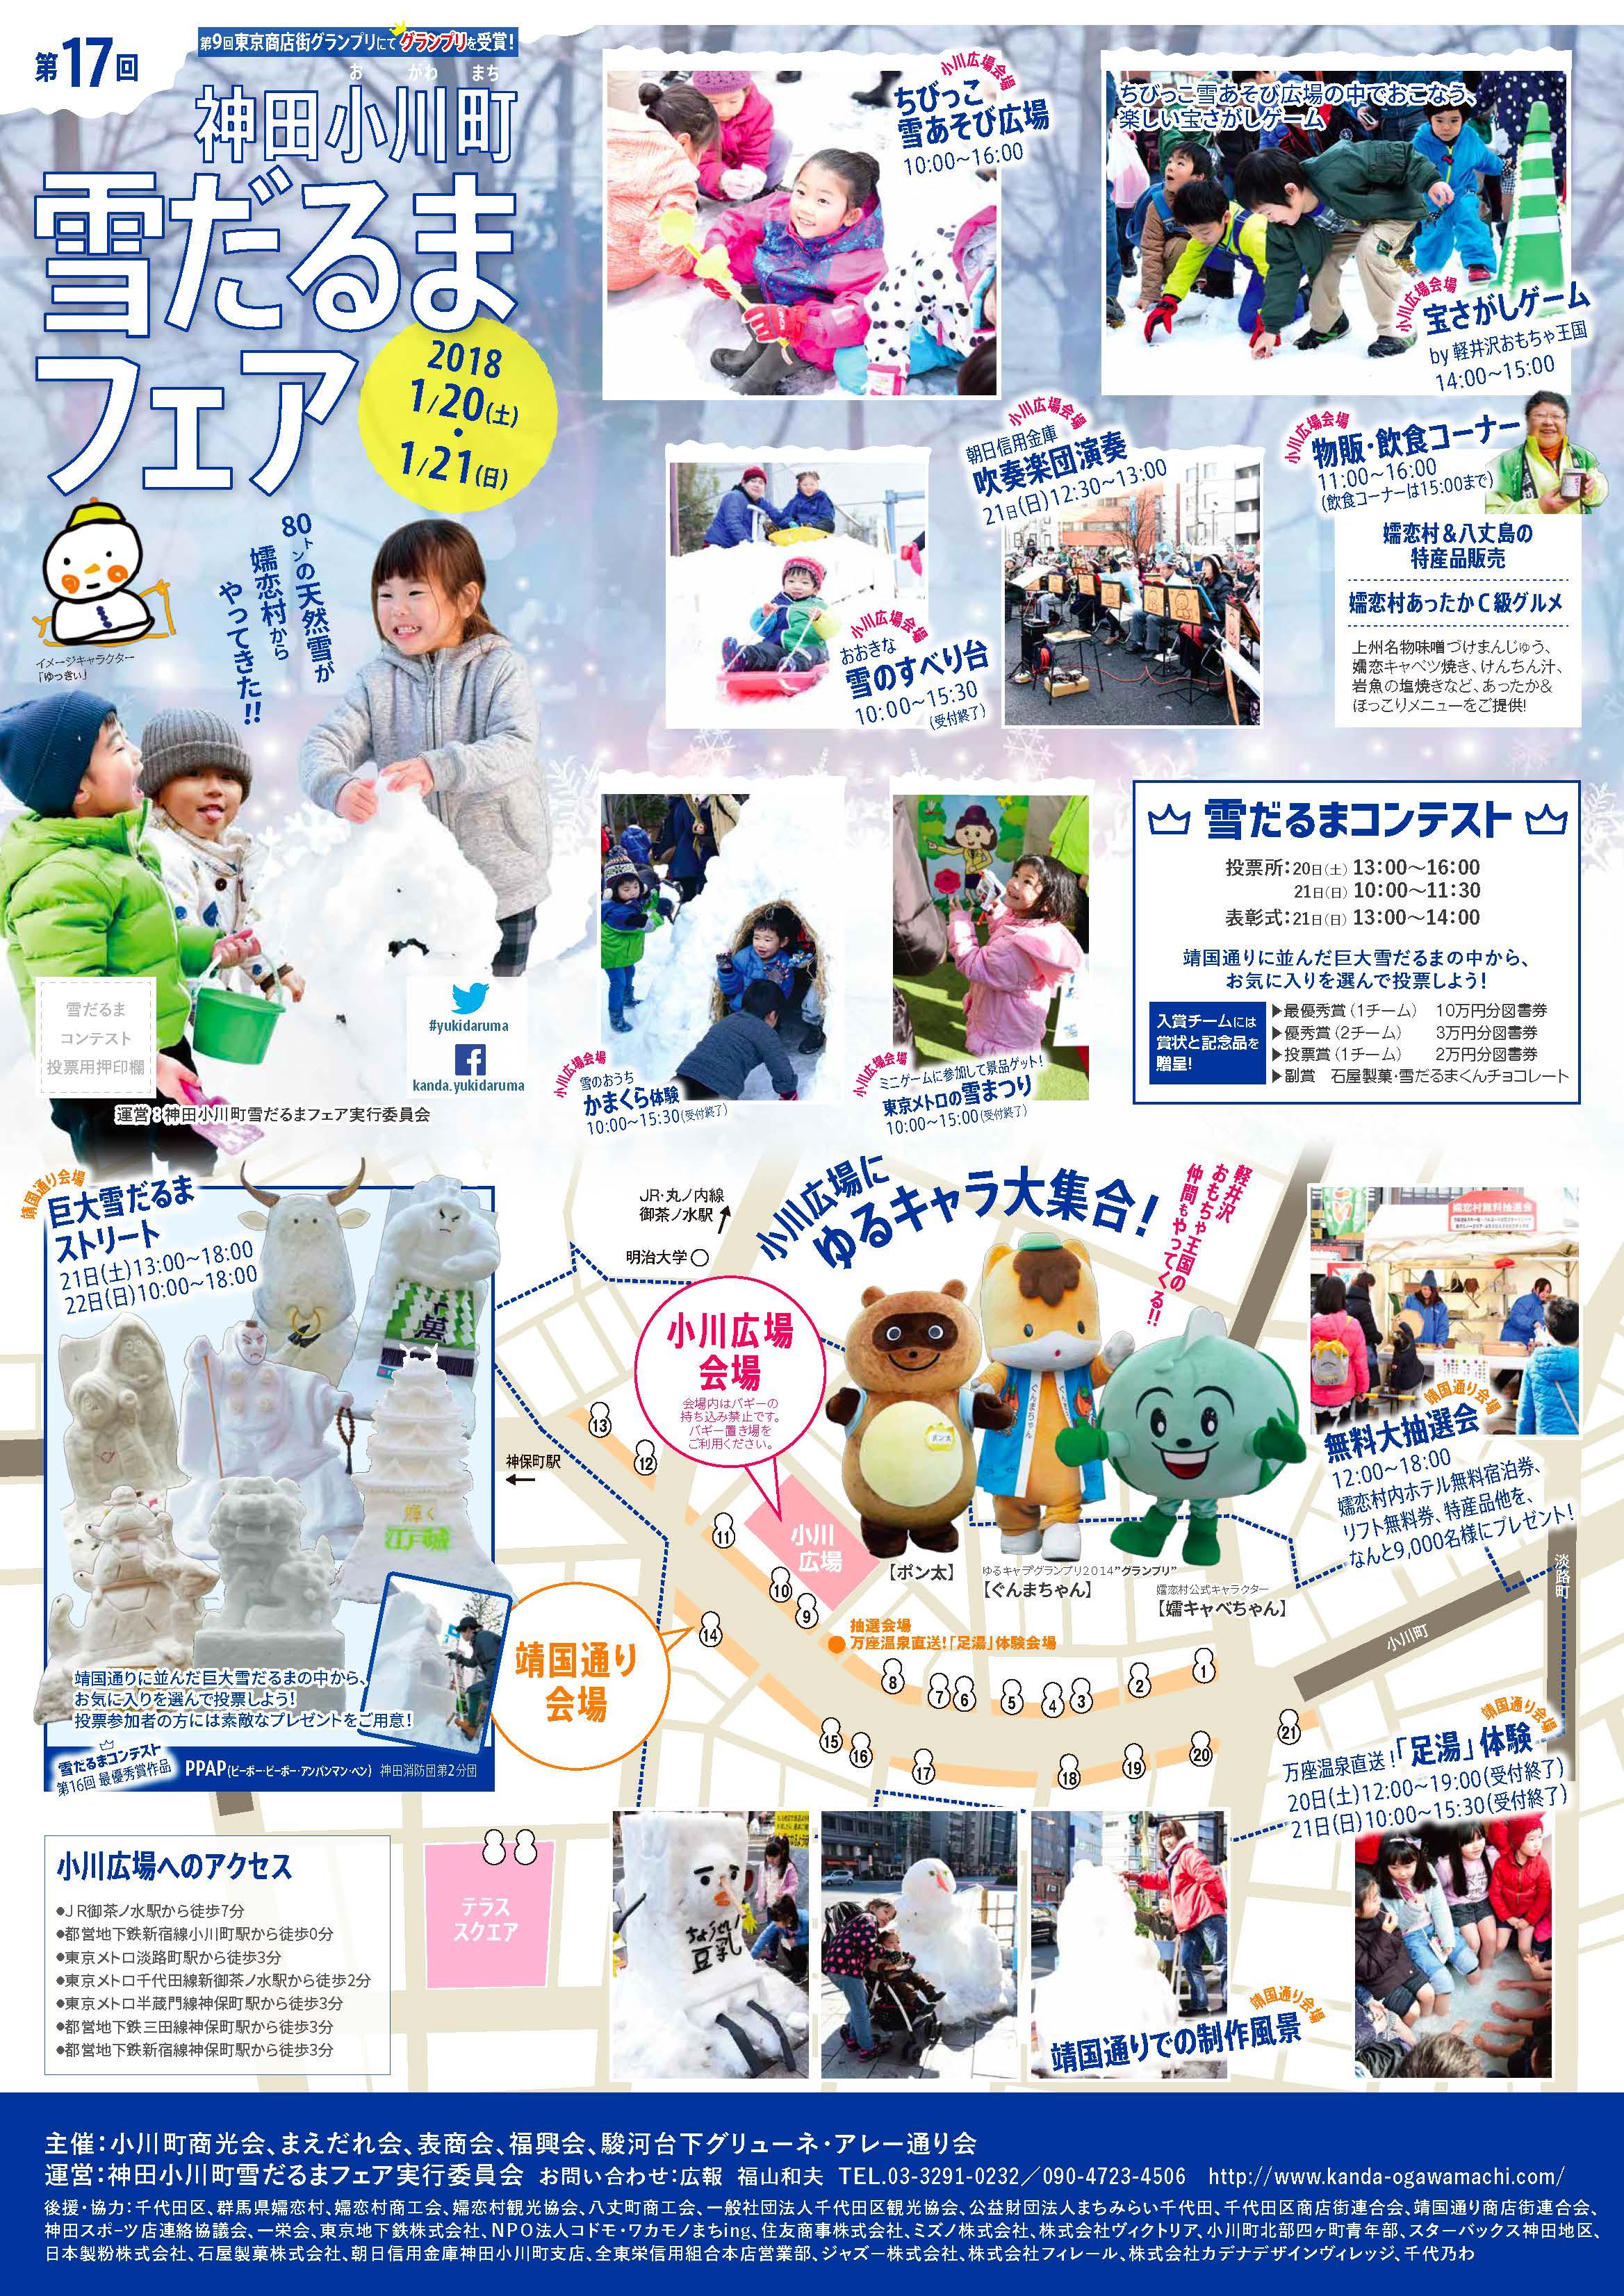 神田小川町雪だるまフェア、東京の雪まつり、嬬恋村の雪